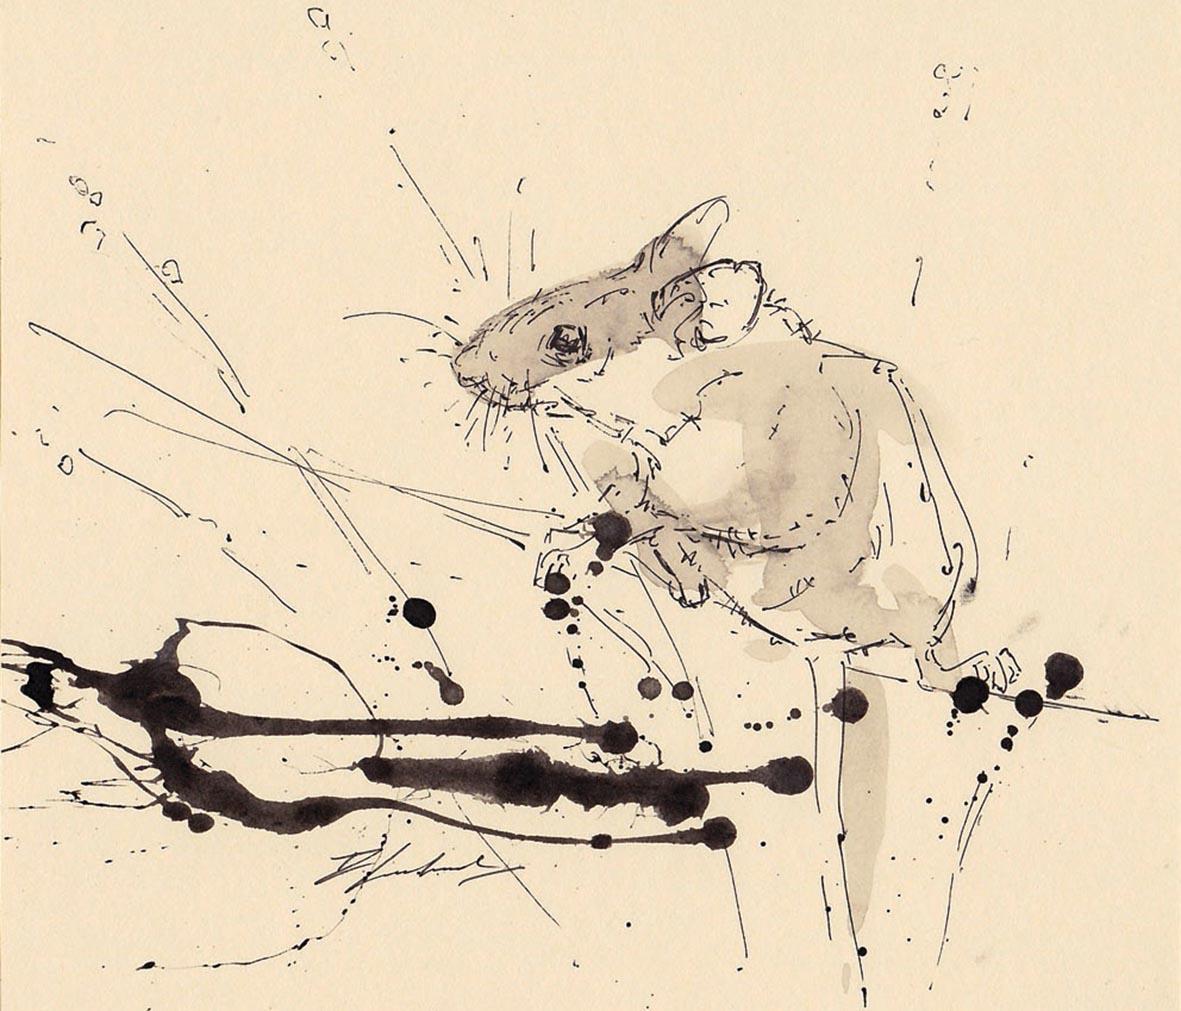 Ducklings & Mice